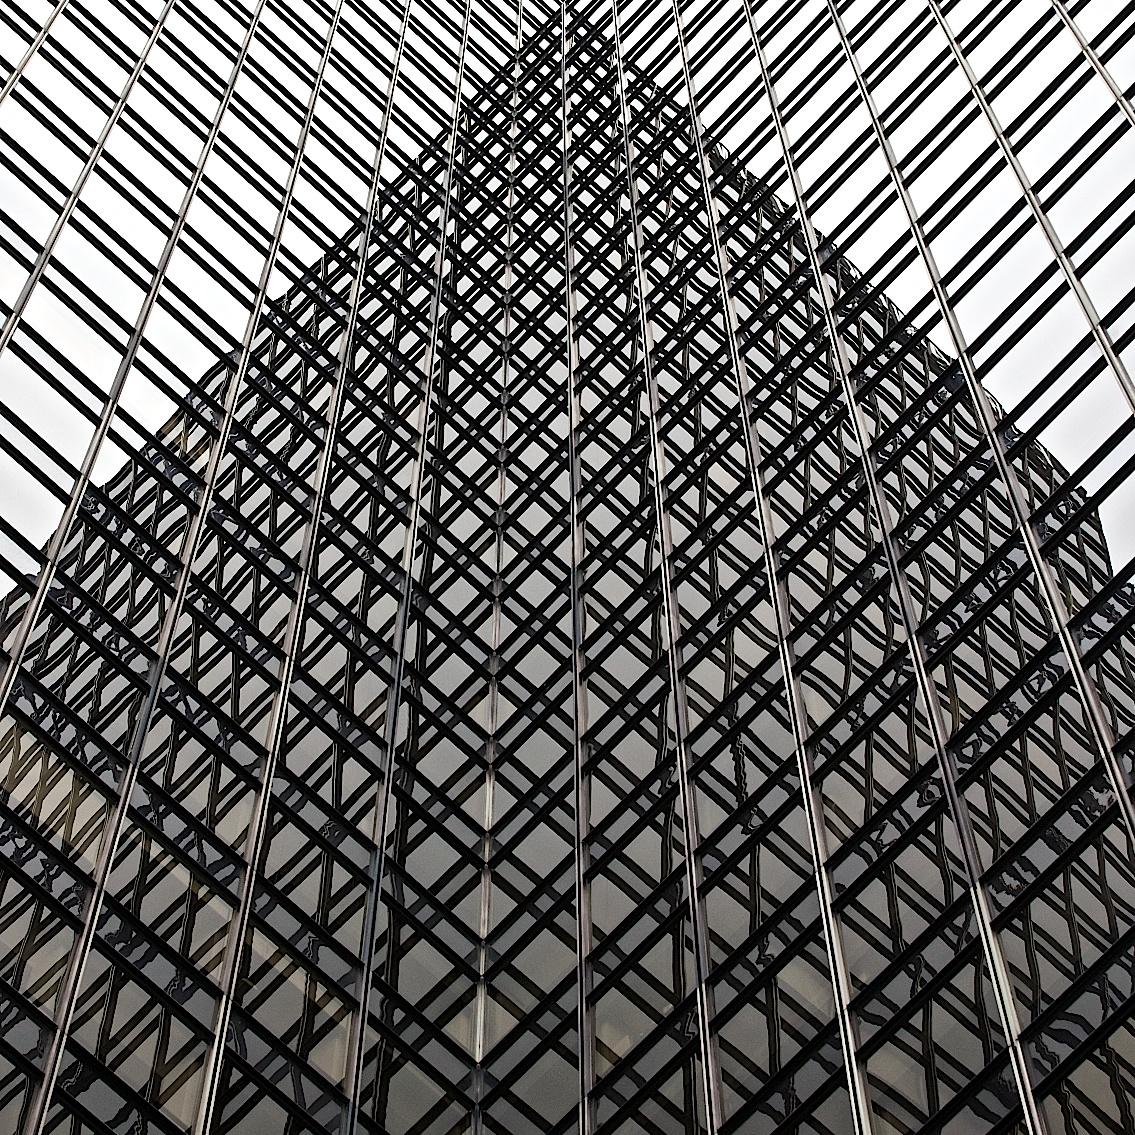 géométrie!